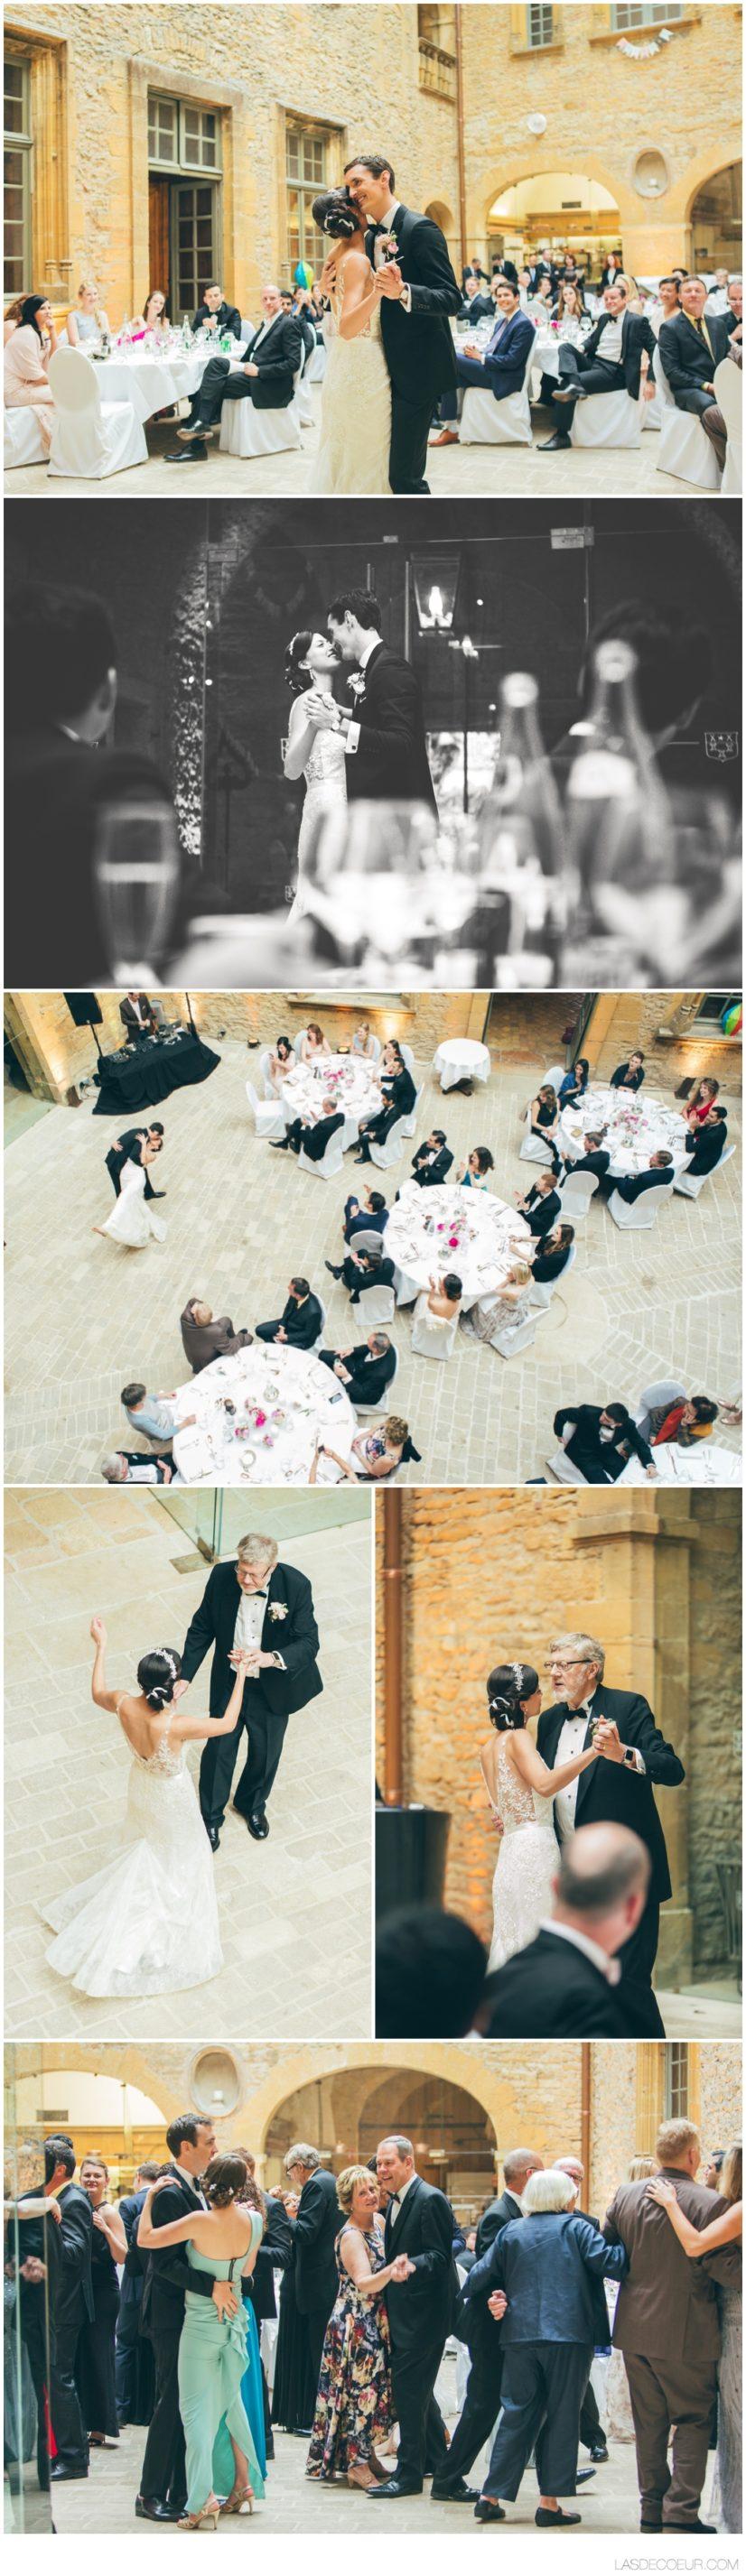 1ere danse photographe mariage Lyon Bagnols ©lasdecoeur